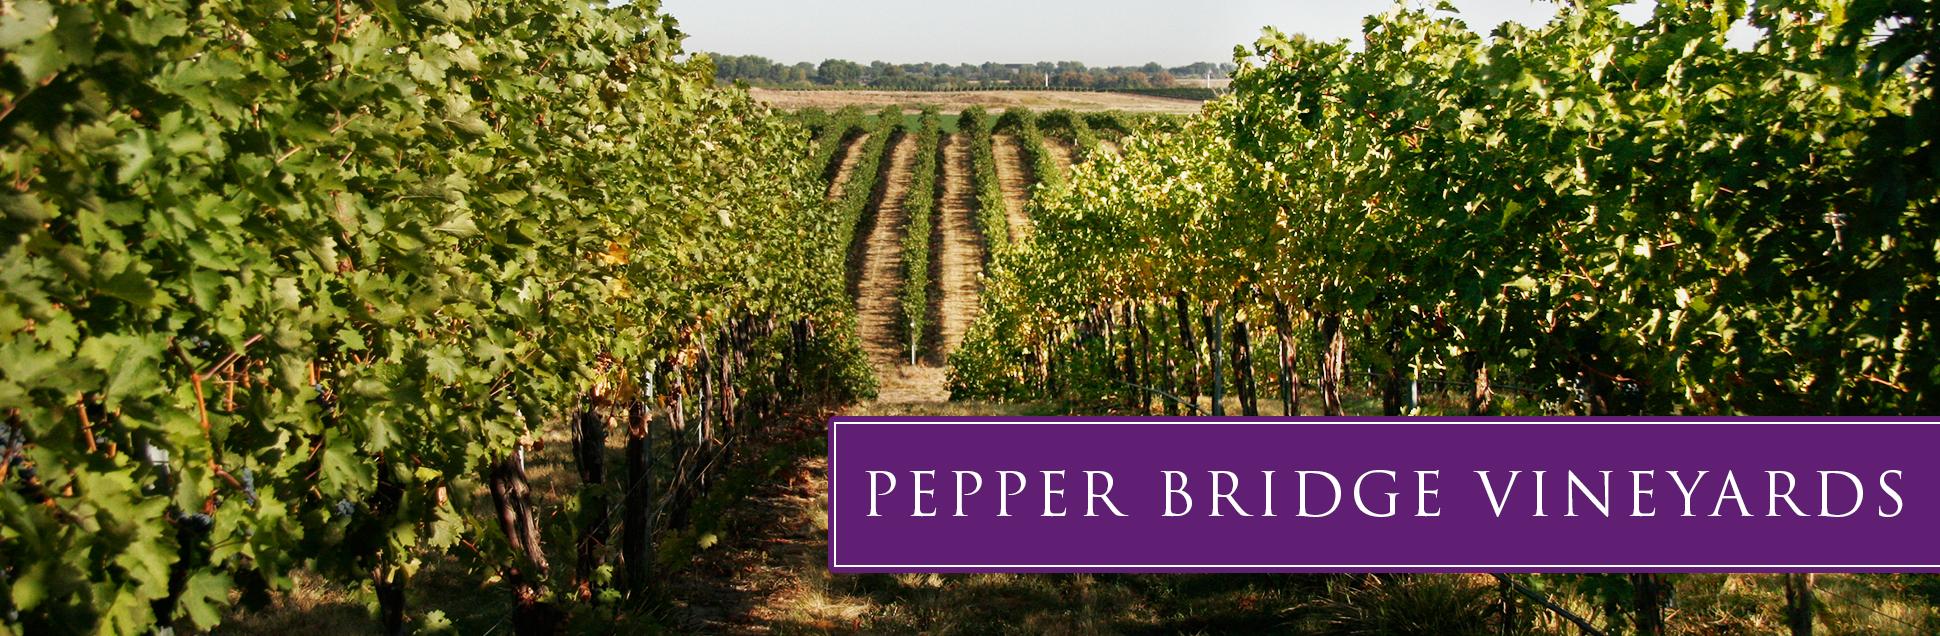 pb-vineyard-06.jpg